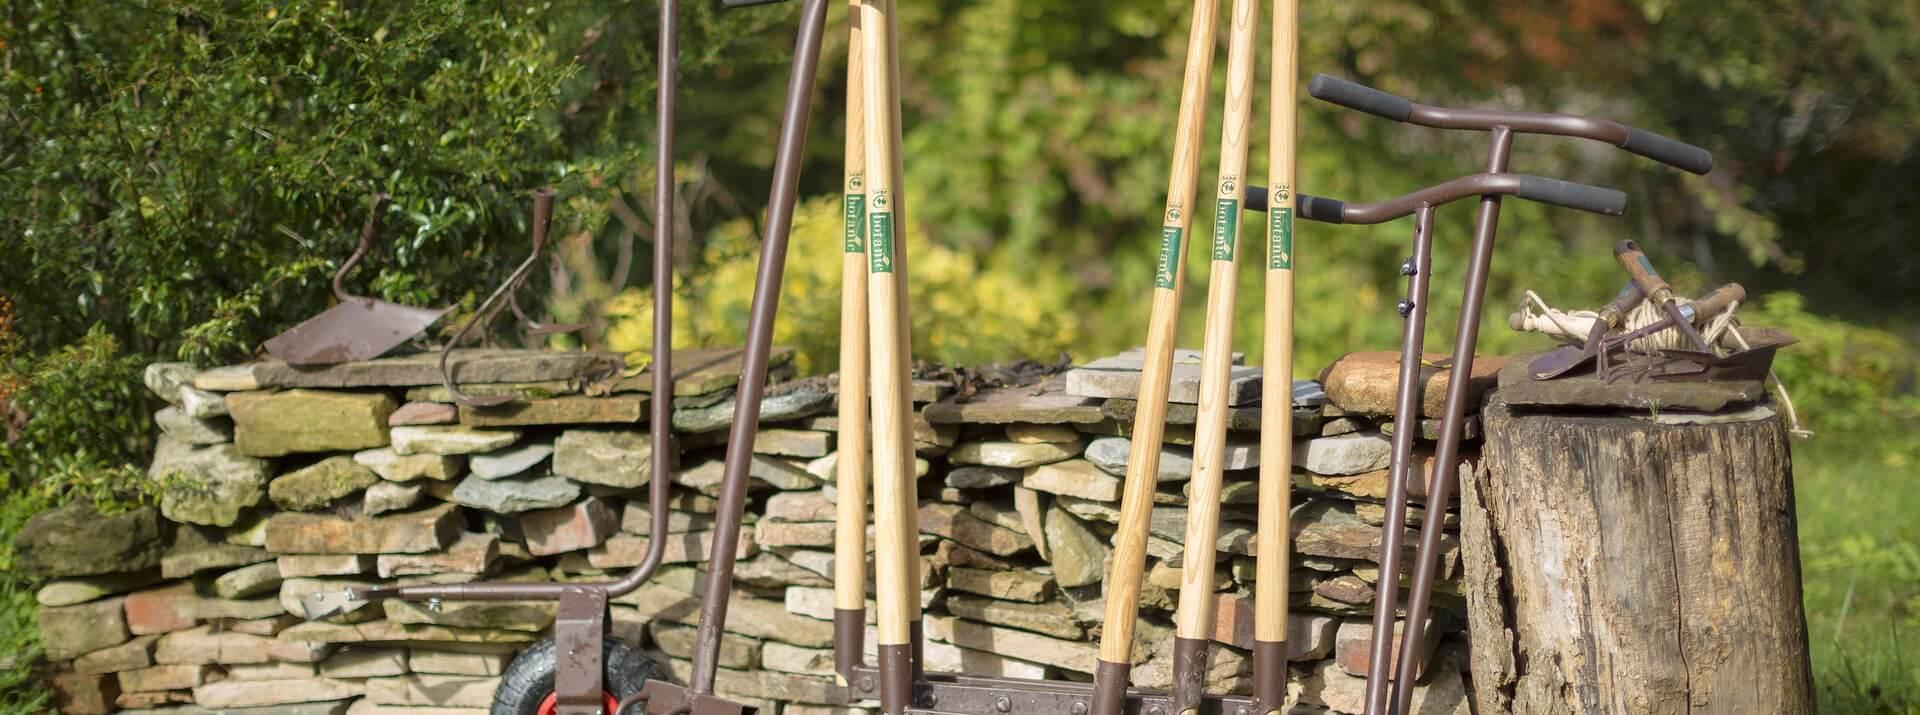 Outils De Jardinage À Main : Équipement Et Outils De Jardin ... à Le Bon Coin Outillage De Jardin